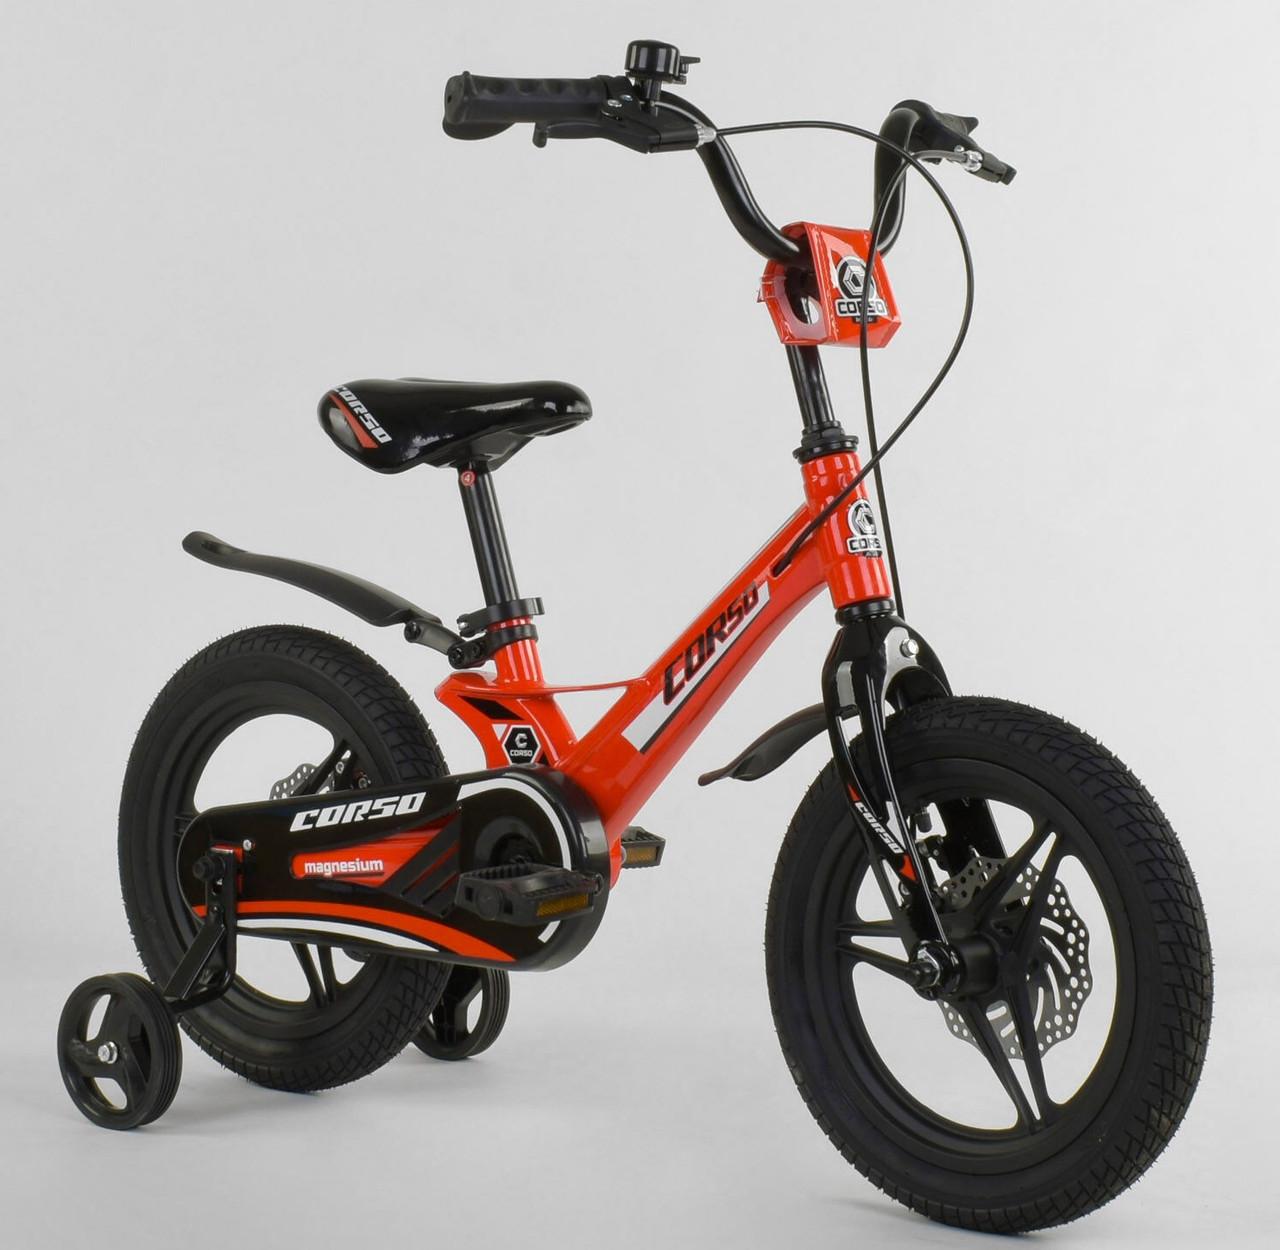 """Детский двухколёсный велосипед 14"""" с магниевой рамой литыми дисками дисковые тормоза Corso MG-66936 красный"""